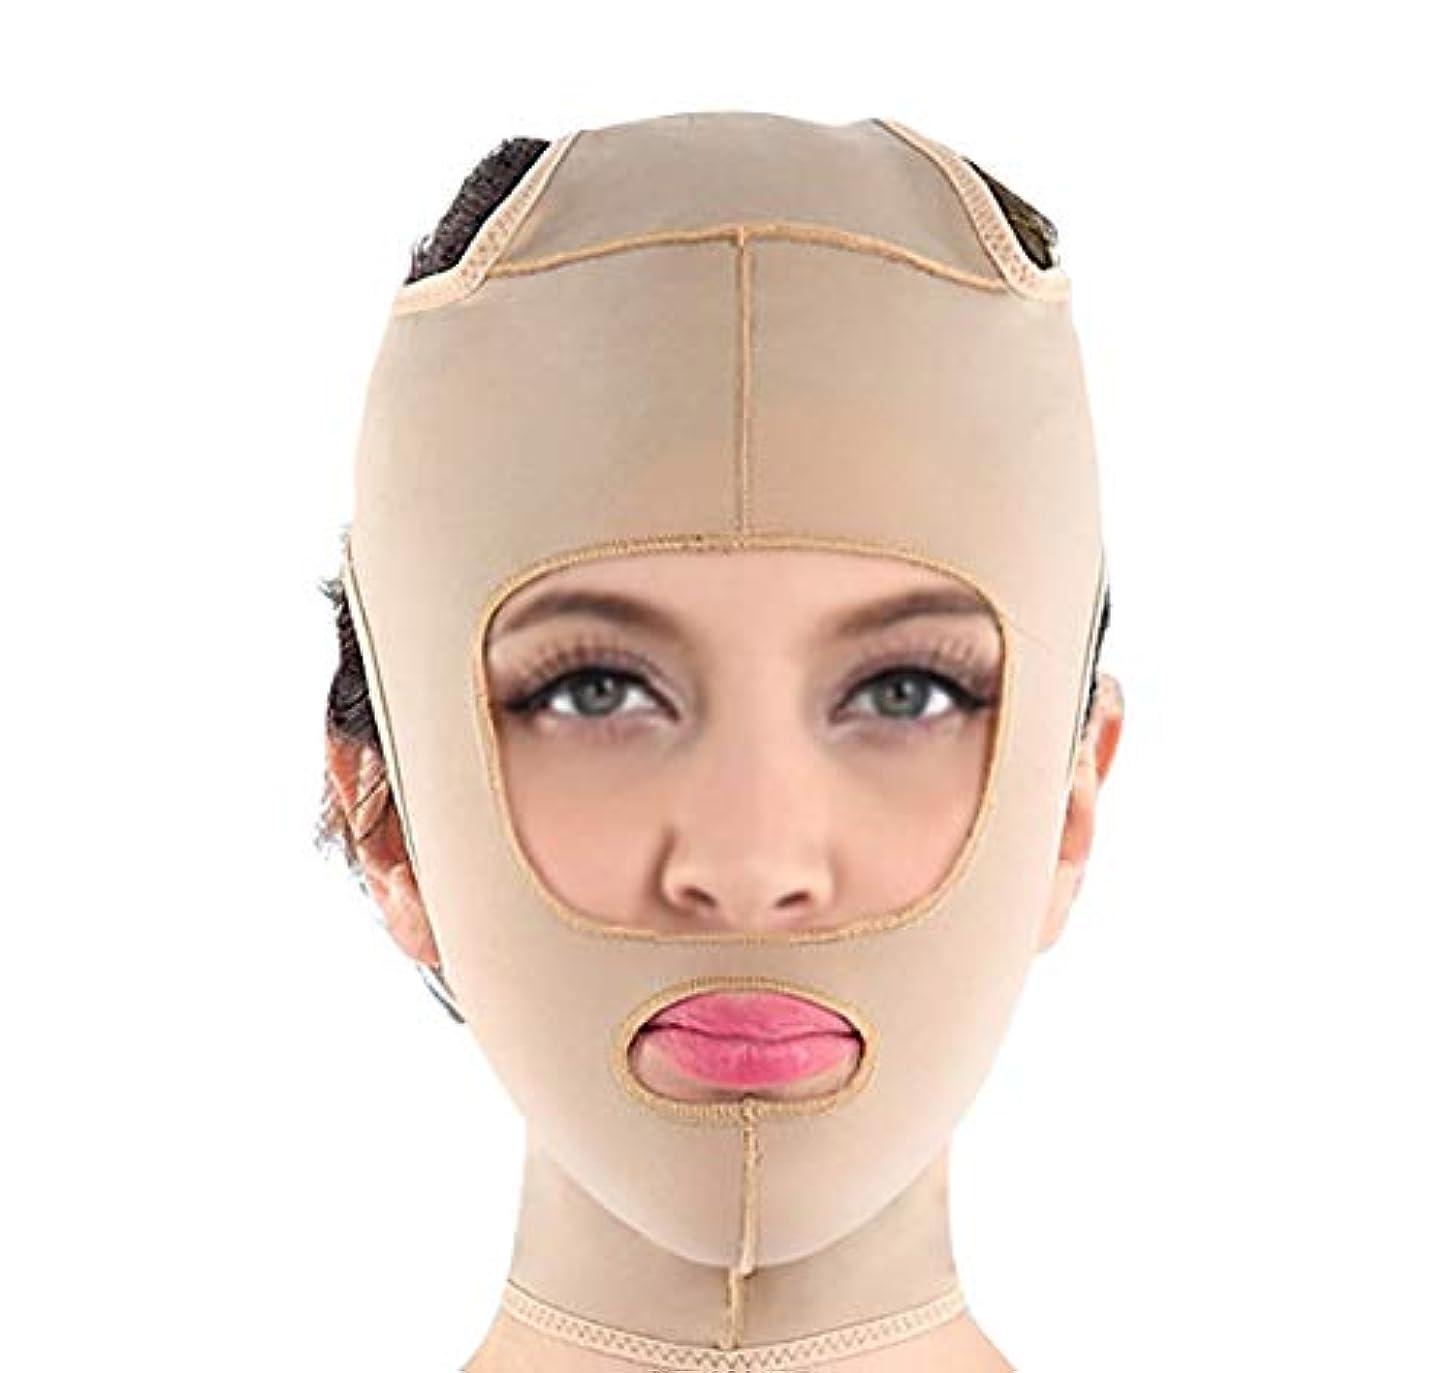 取得する瞑想する受賞包帯vフェイス楽器フェイスマスクマジックフェイスフェイシャルファーミングフェイシャルマッサージフェイシャルリンクルリフティング引き締めプラスチックマスク (Size : S)